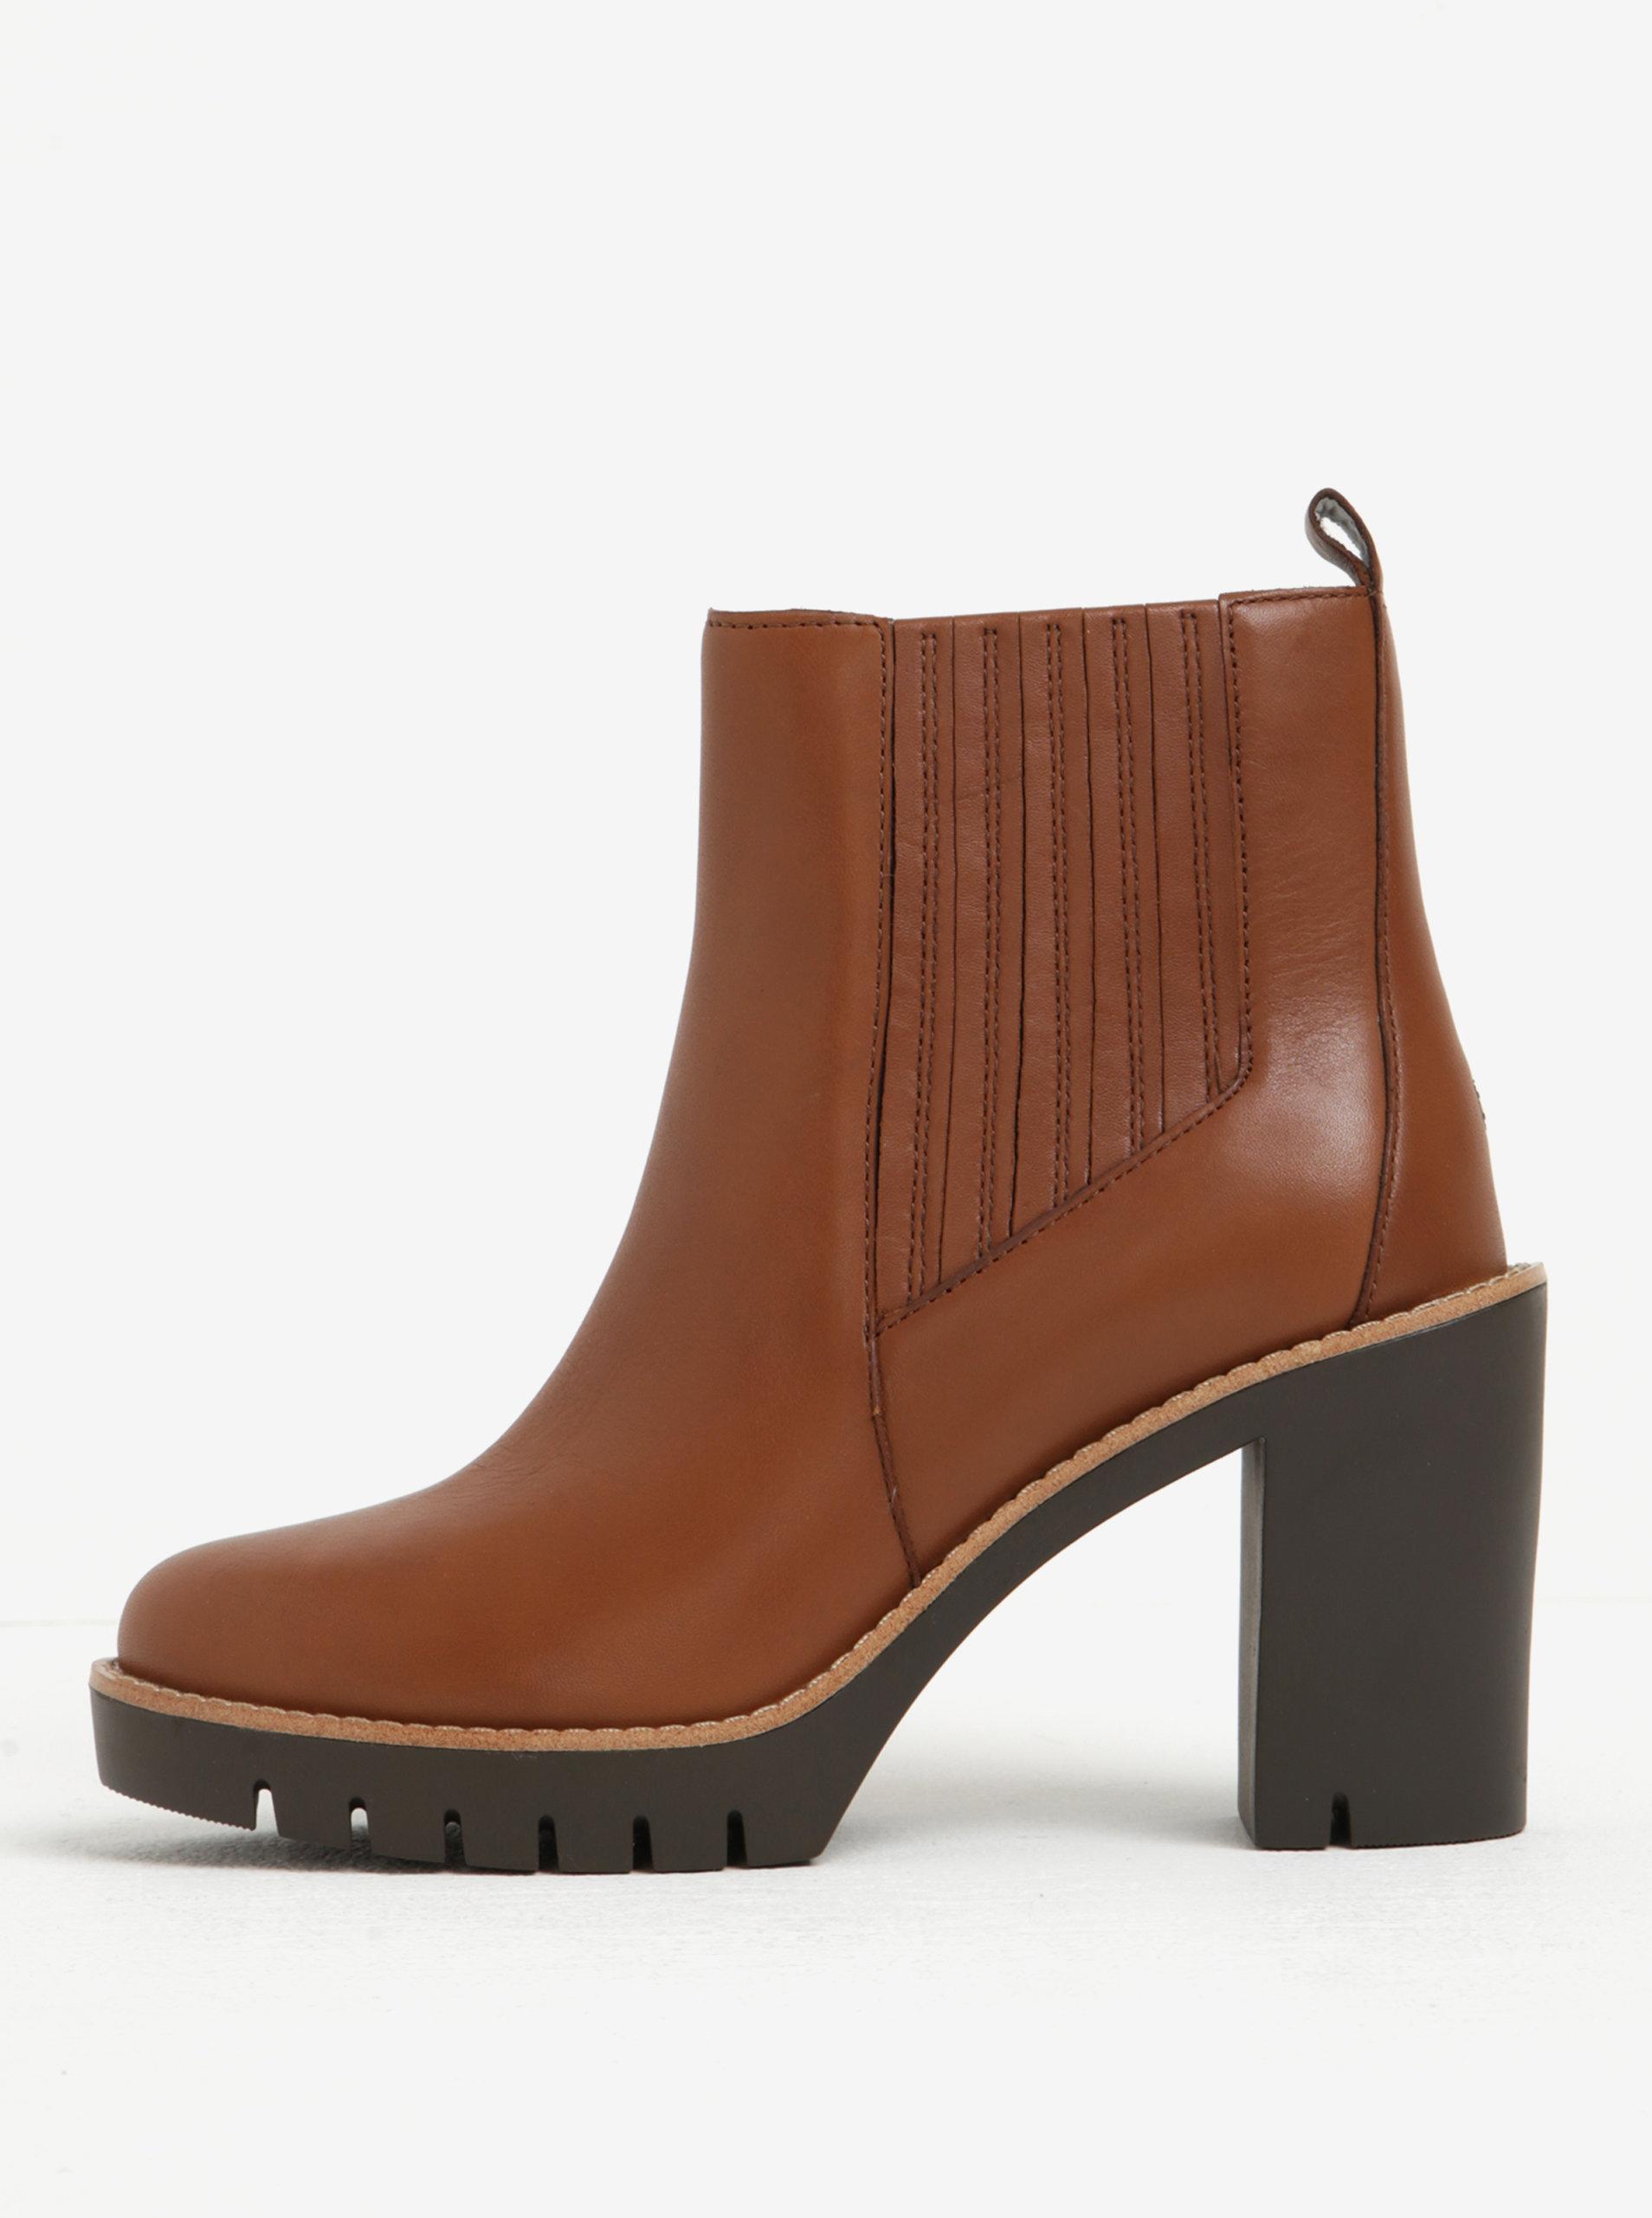 Hnědé dámské kožené chelsea boty na vysokém podpatku Tommy Hilfiger Paola  ... 98bdd5e136